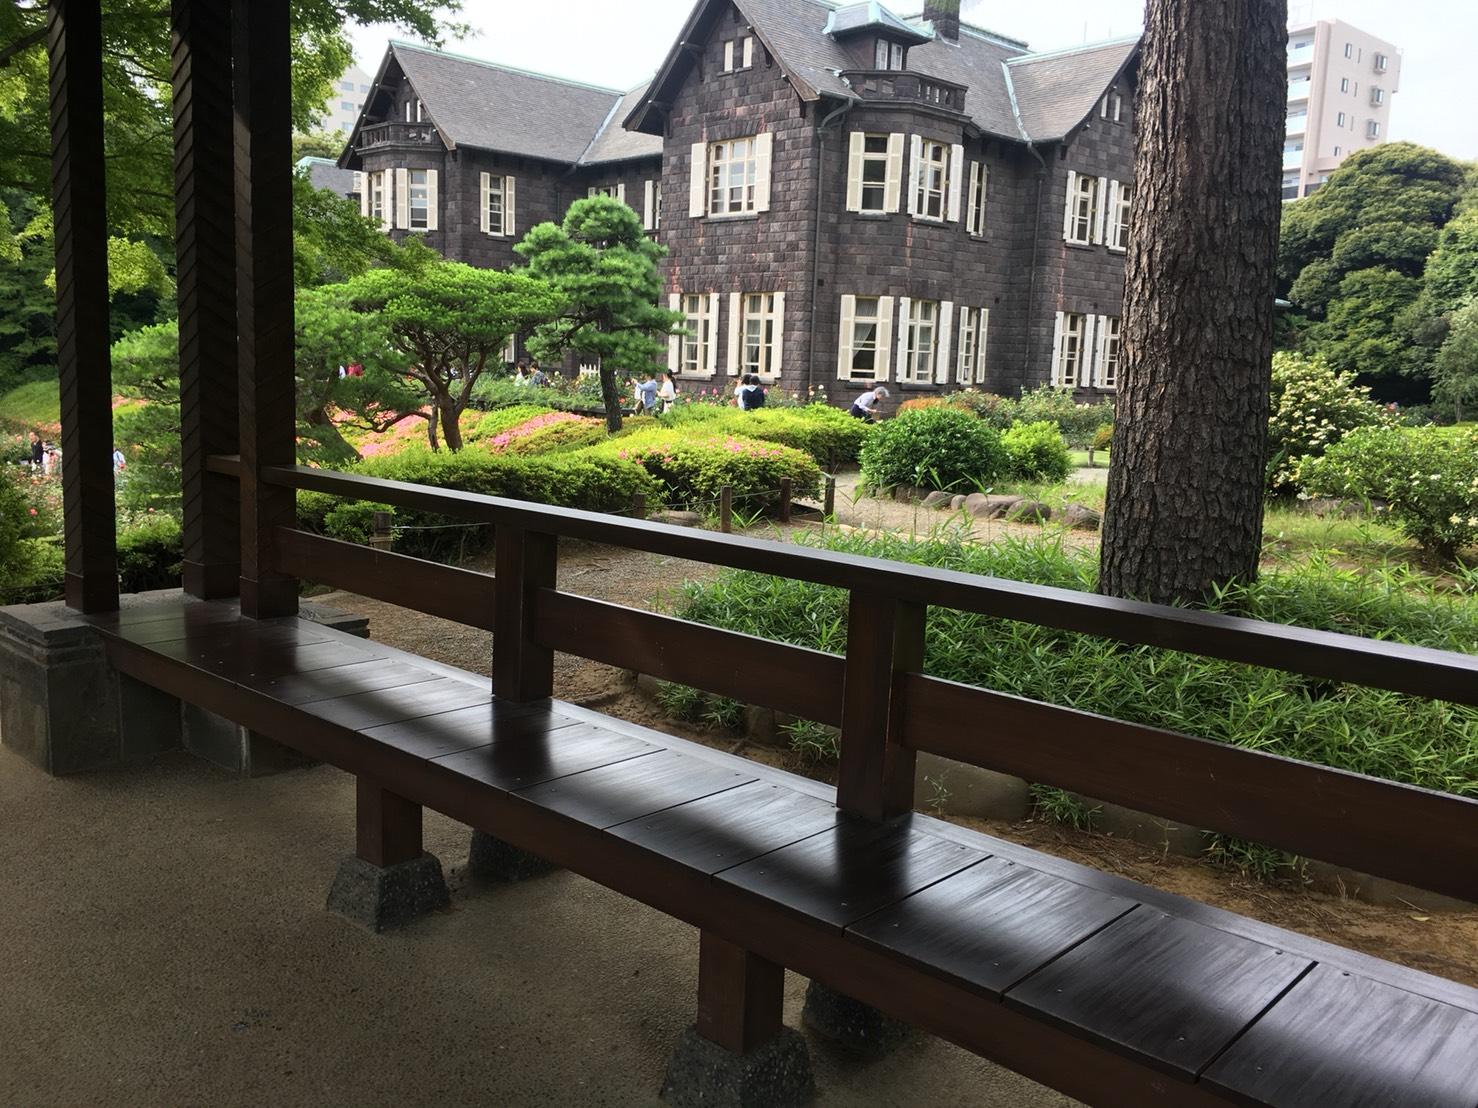 【上中里駅】バラが咲き誇る日英が混ざる庭園「旧古河庭園」の展望台